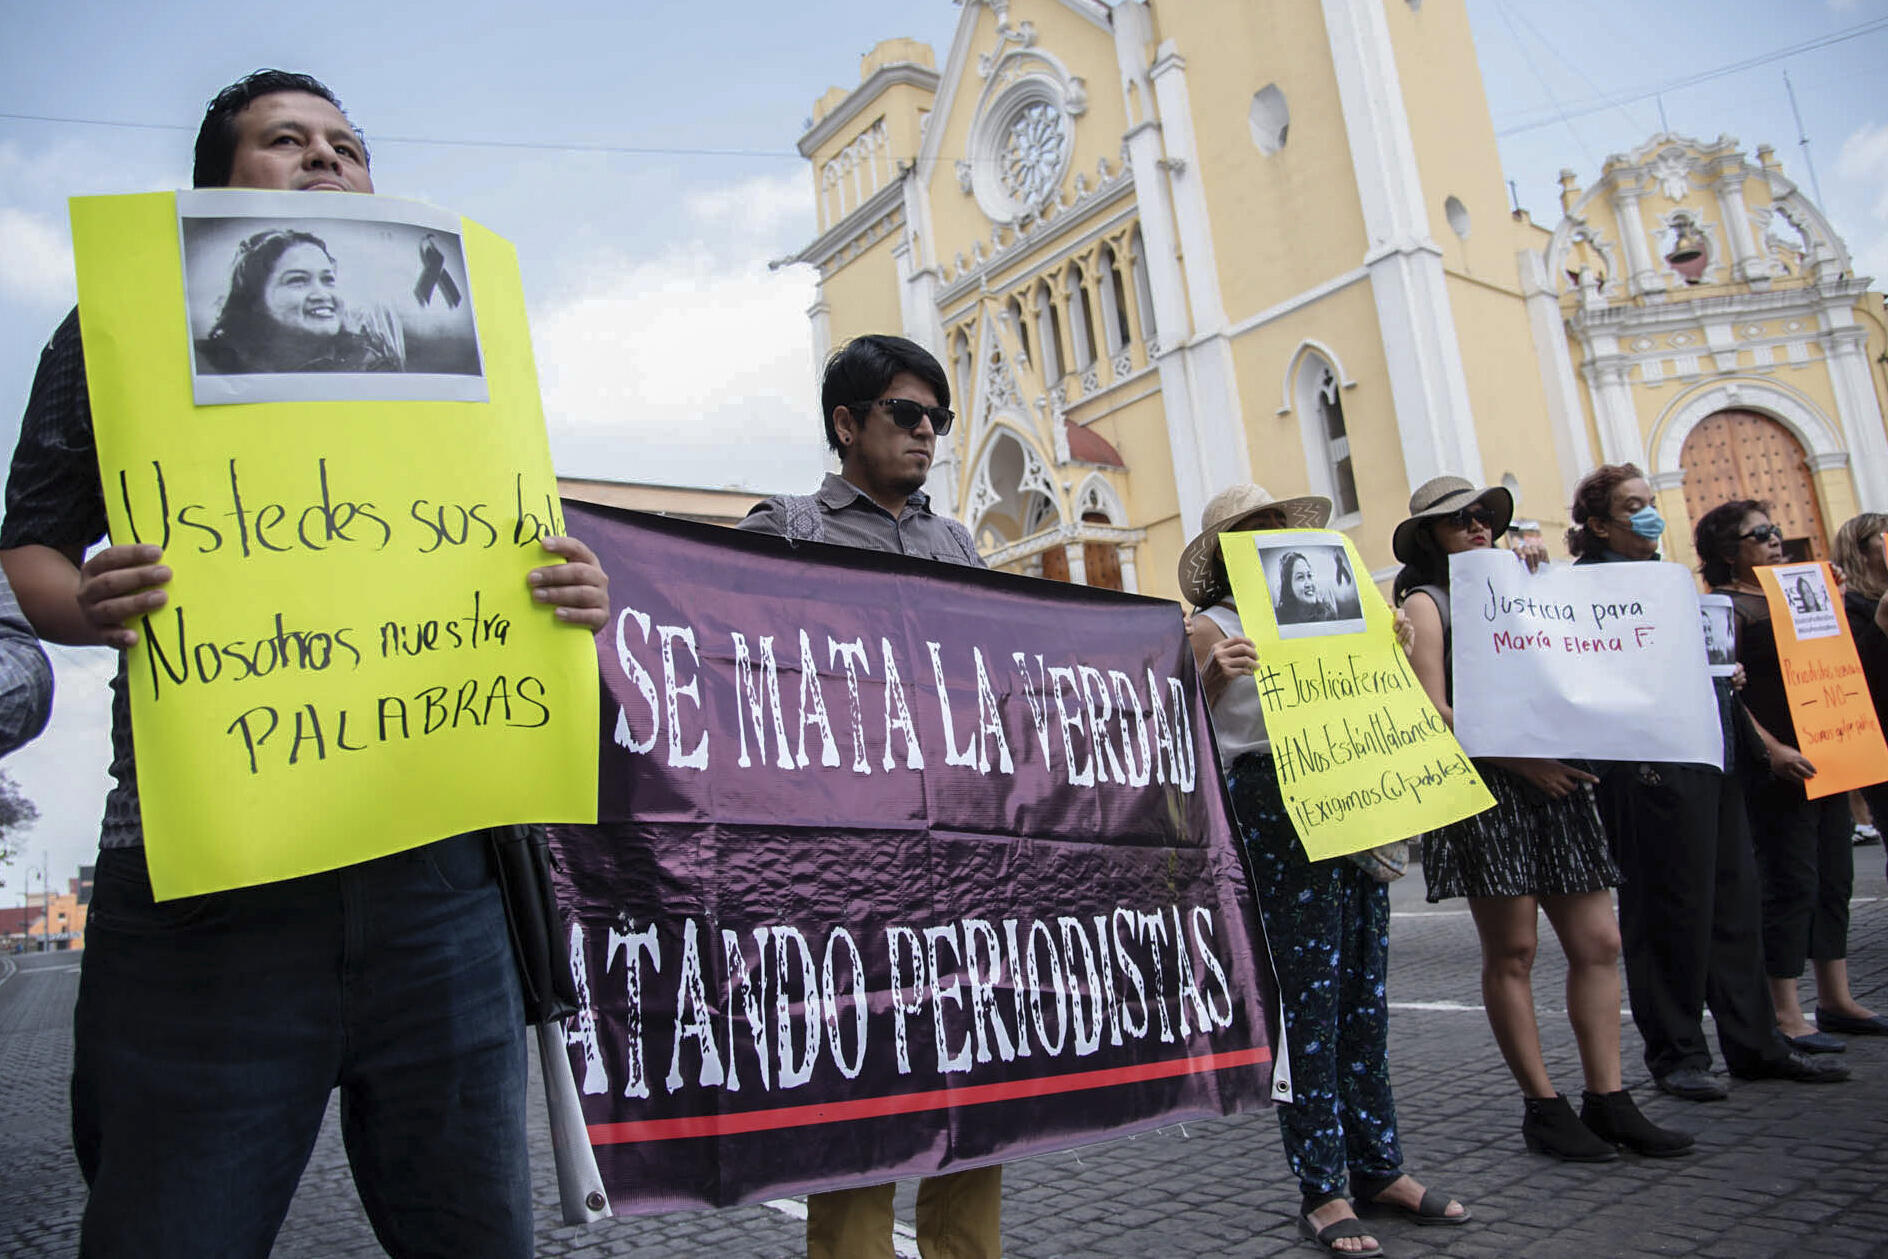 Des journalistes manifestent le 1er avril 2020 à Xalapa, dans l'Etat de Veracruz contre les assassinats de leurs collègues. (photo d'illustration)